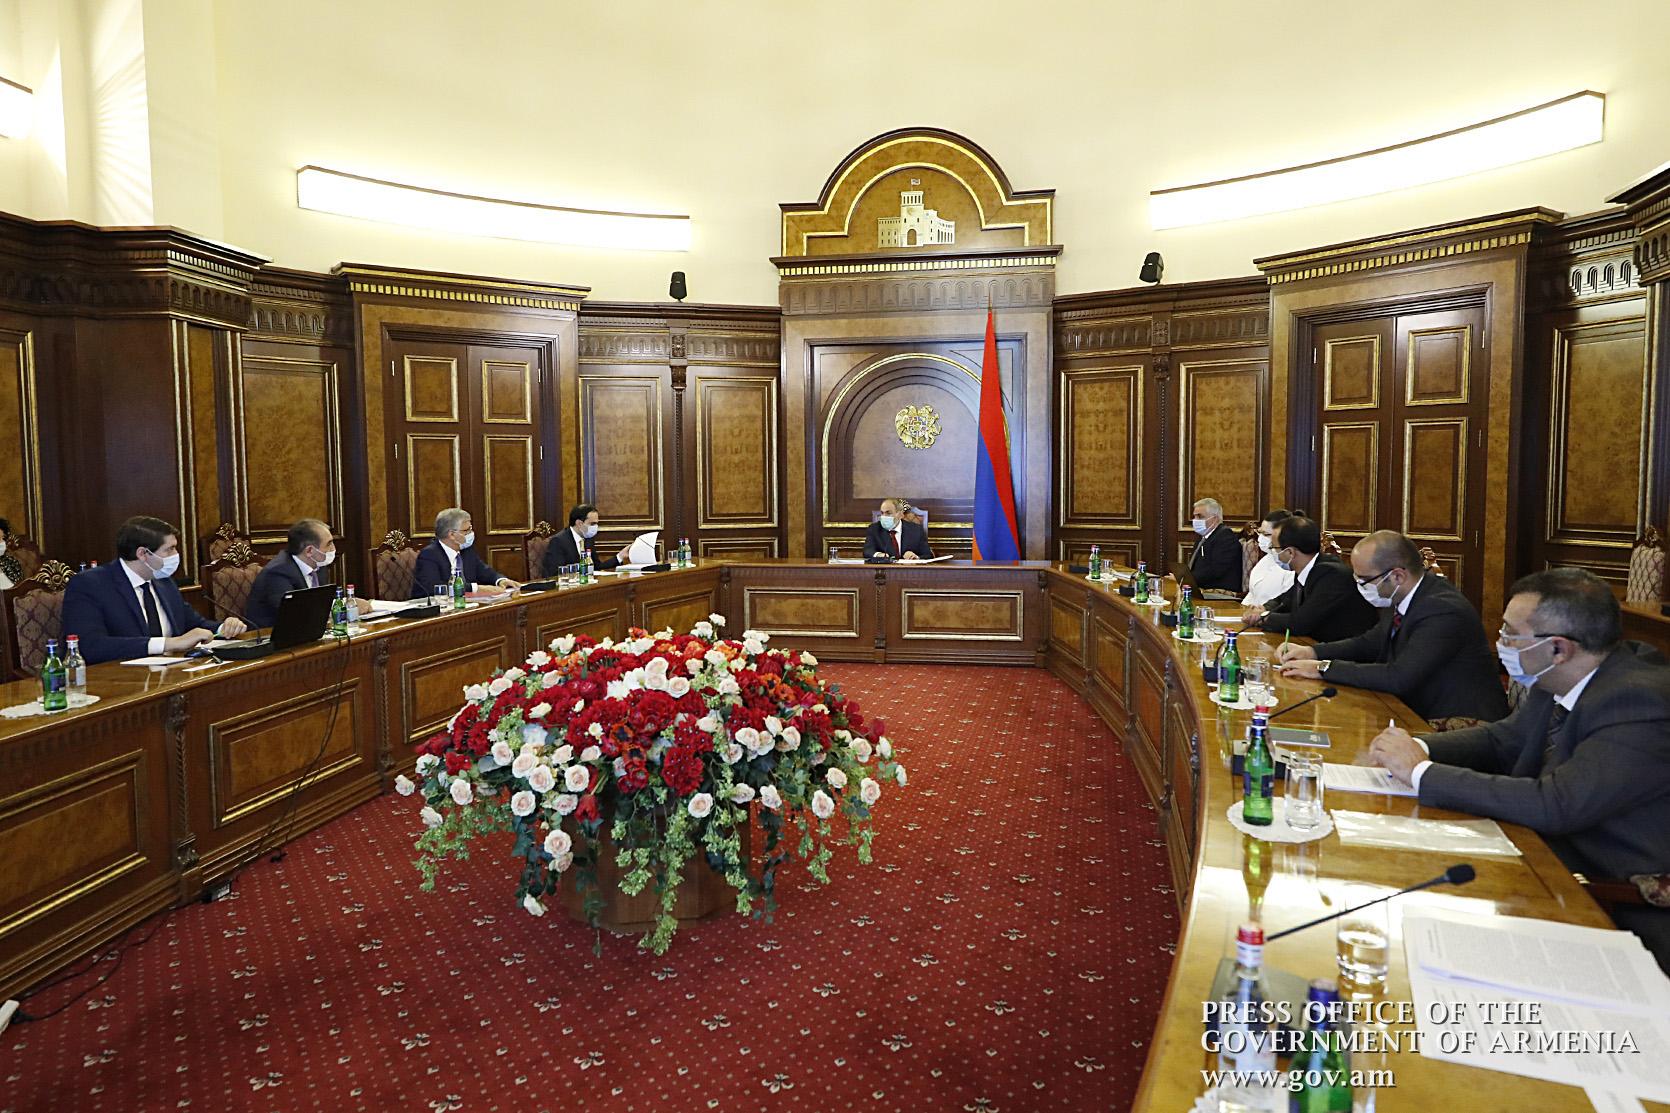 Photo of Նիկոլ Փաշինյանին ներկայացվել է ՀՀ քաղաքաշինության կոմիտեի 2019 թ. միջոցառումներն ու դրանց կատարողականը